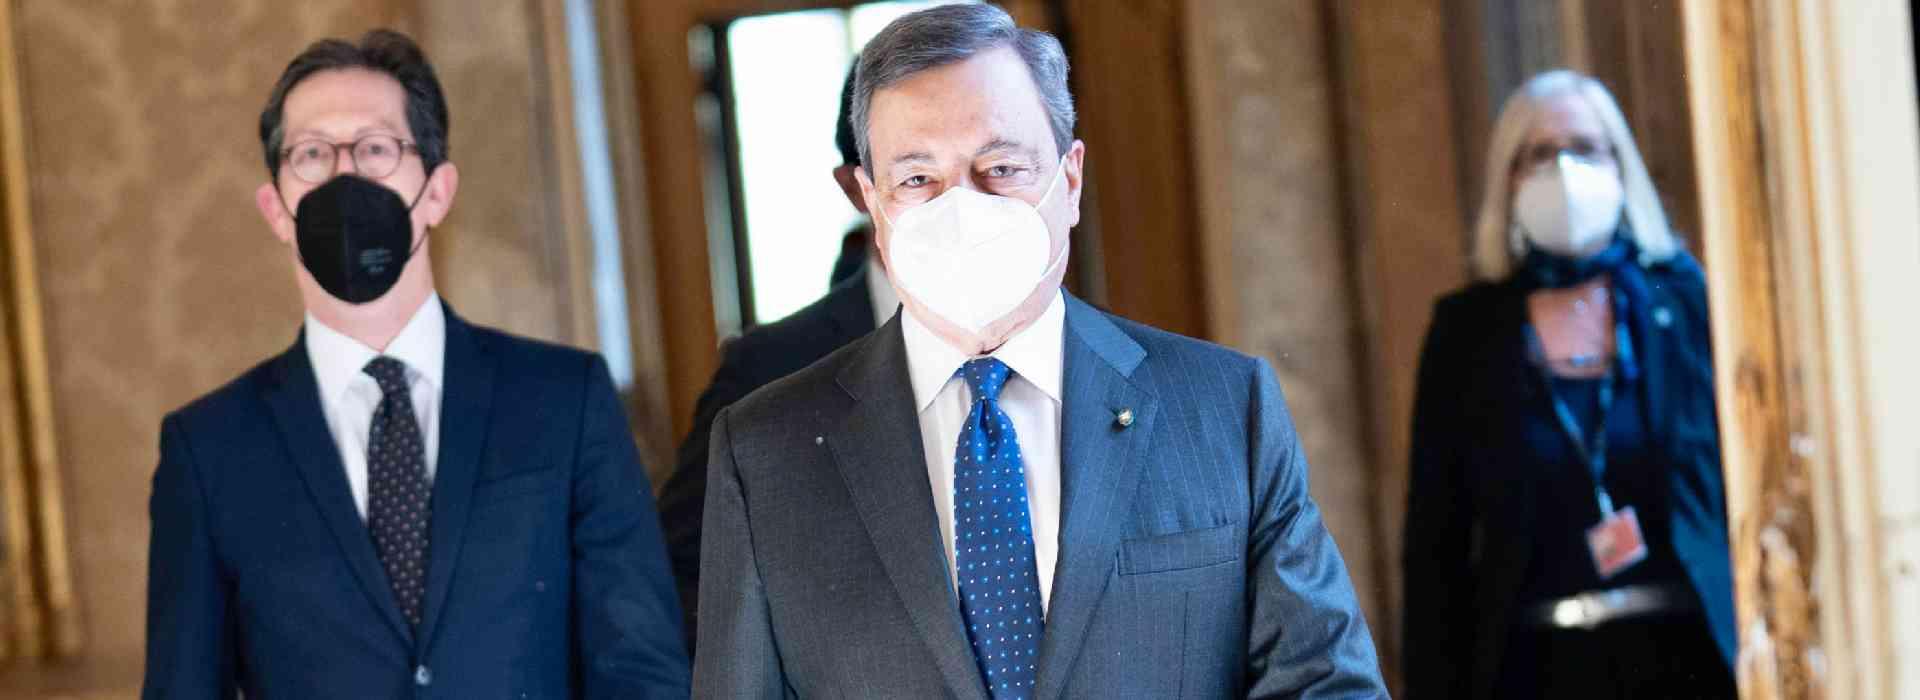 Dpcm al tempo di Draghi: coprifuoco anche nelle zone bianche